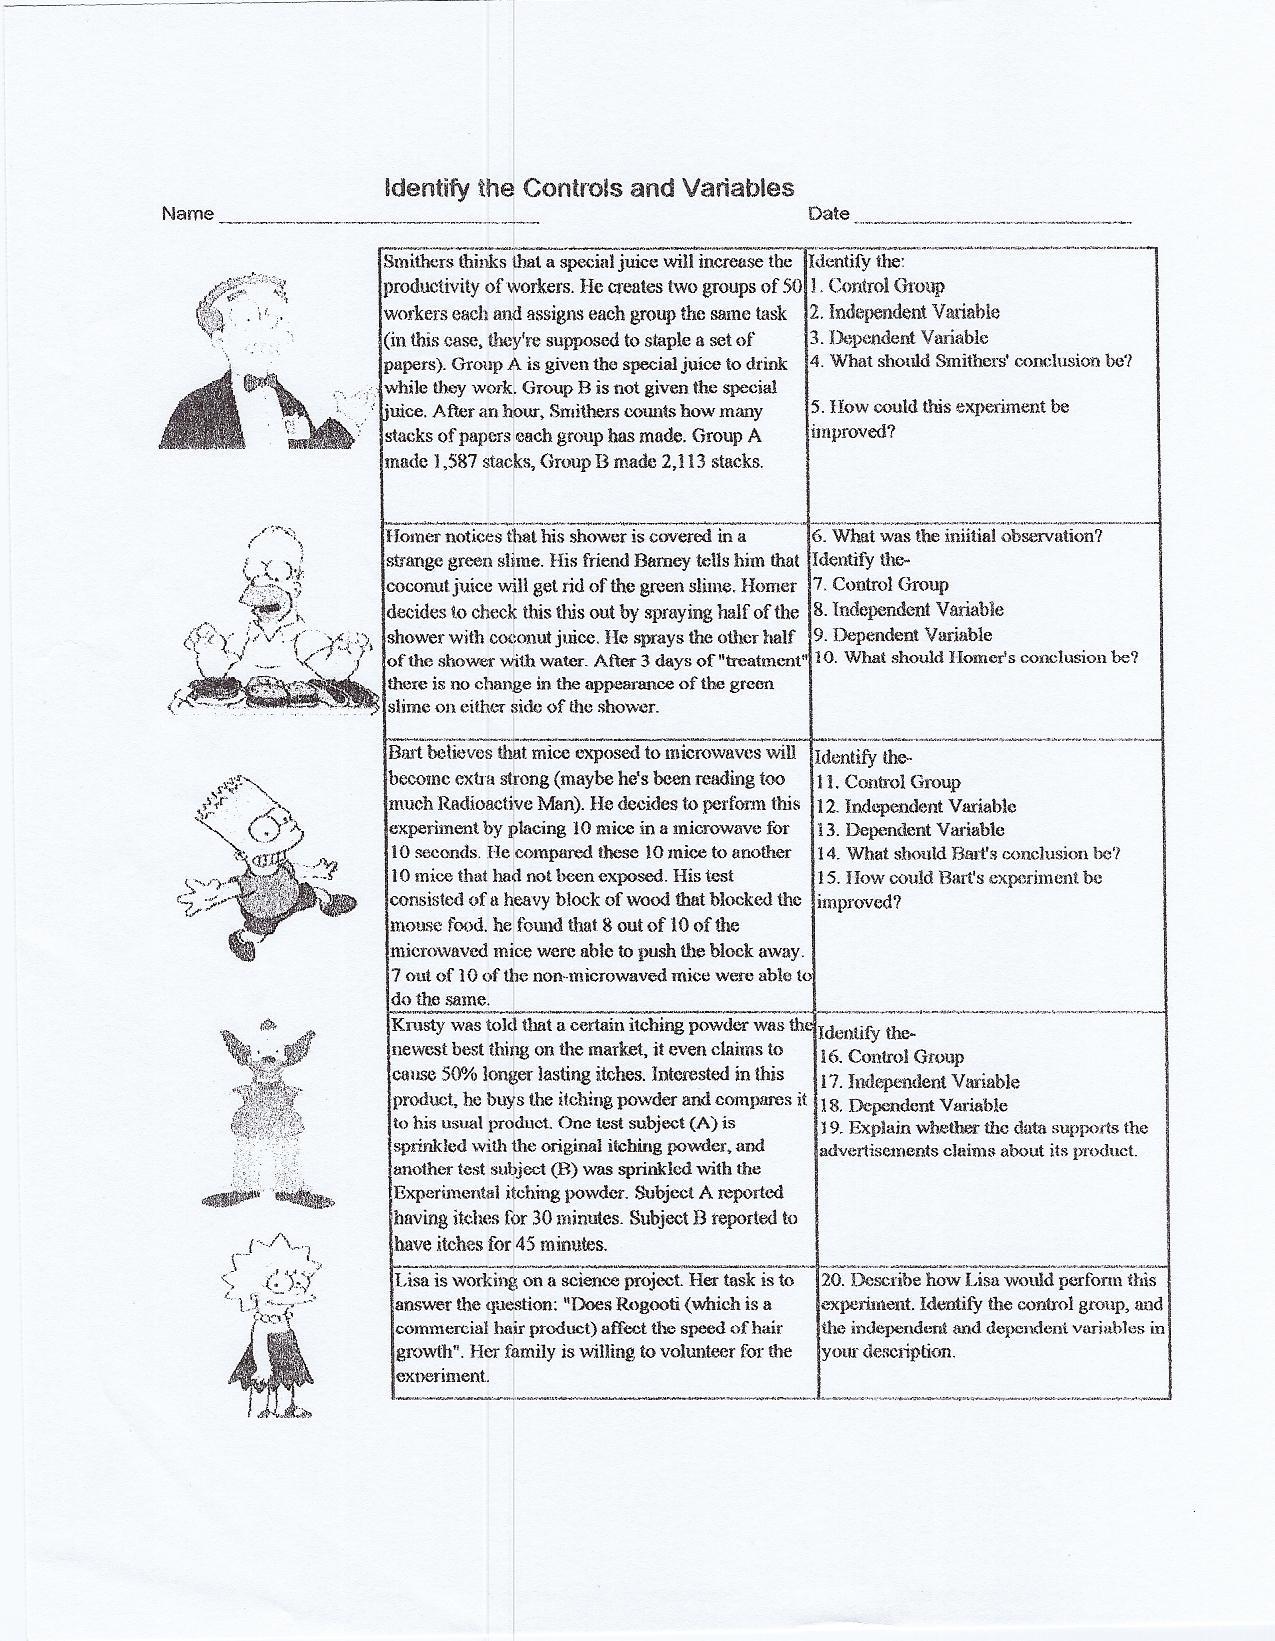 Scientific Method Story Worksheet Answers Scientific Method Practice Worksheet Answers Nidecmege